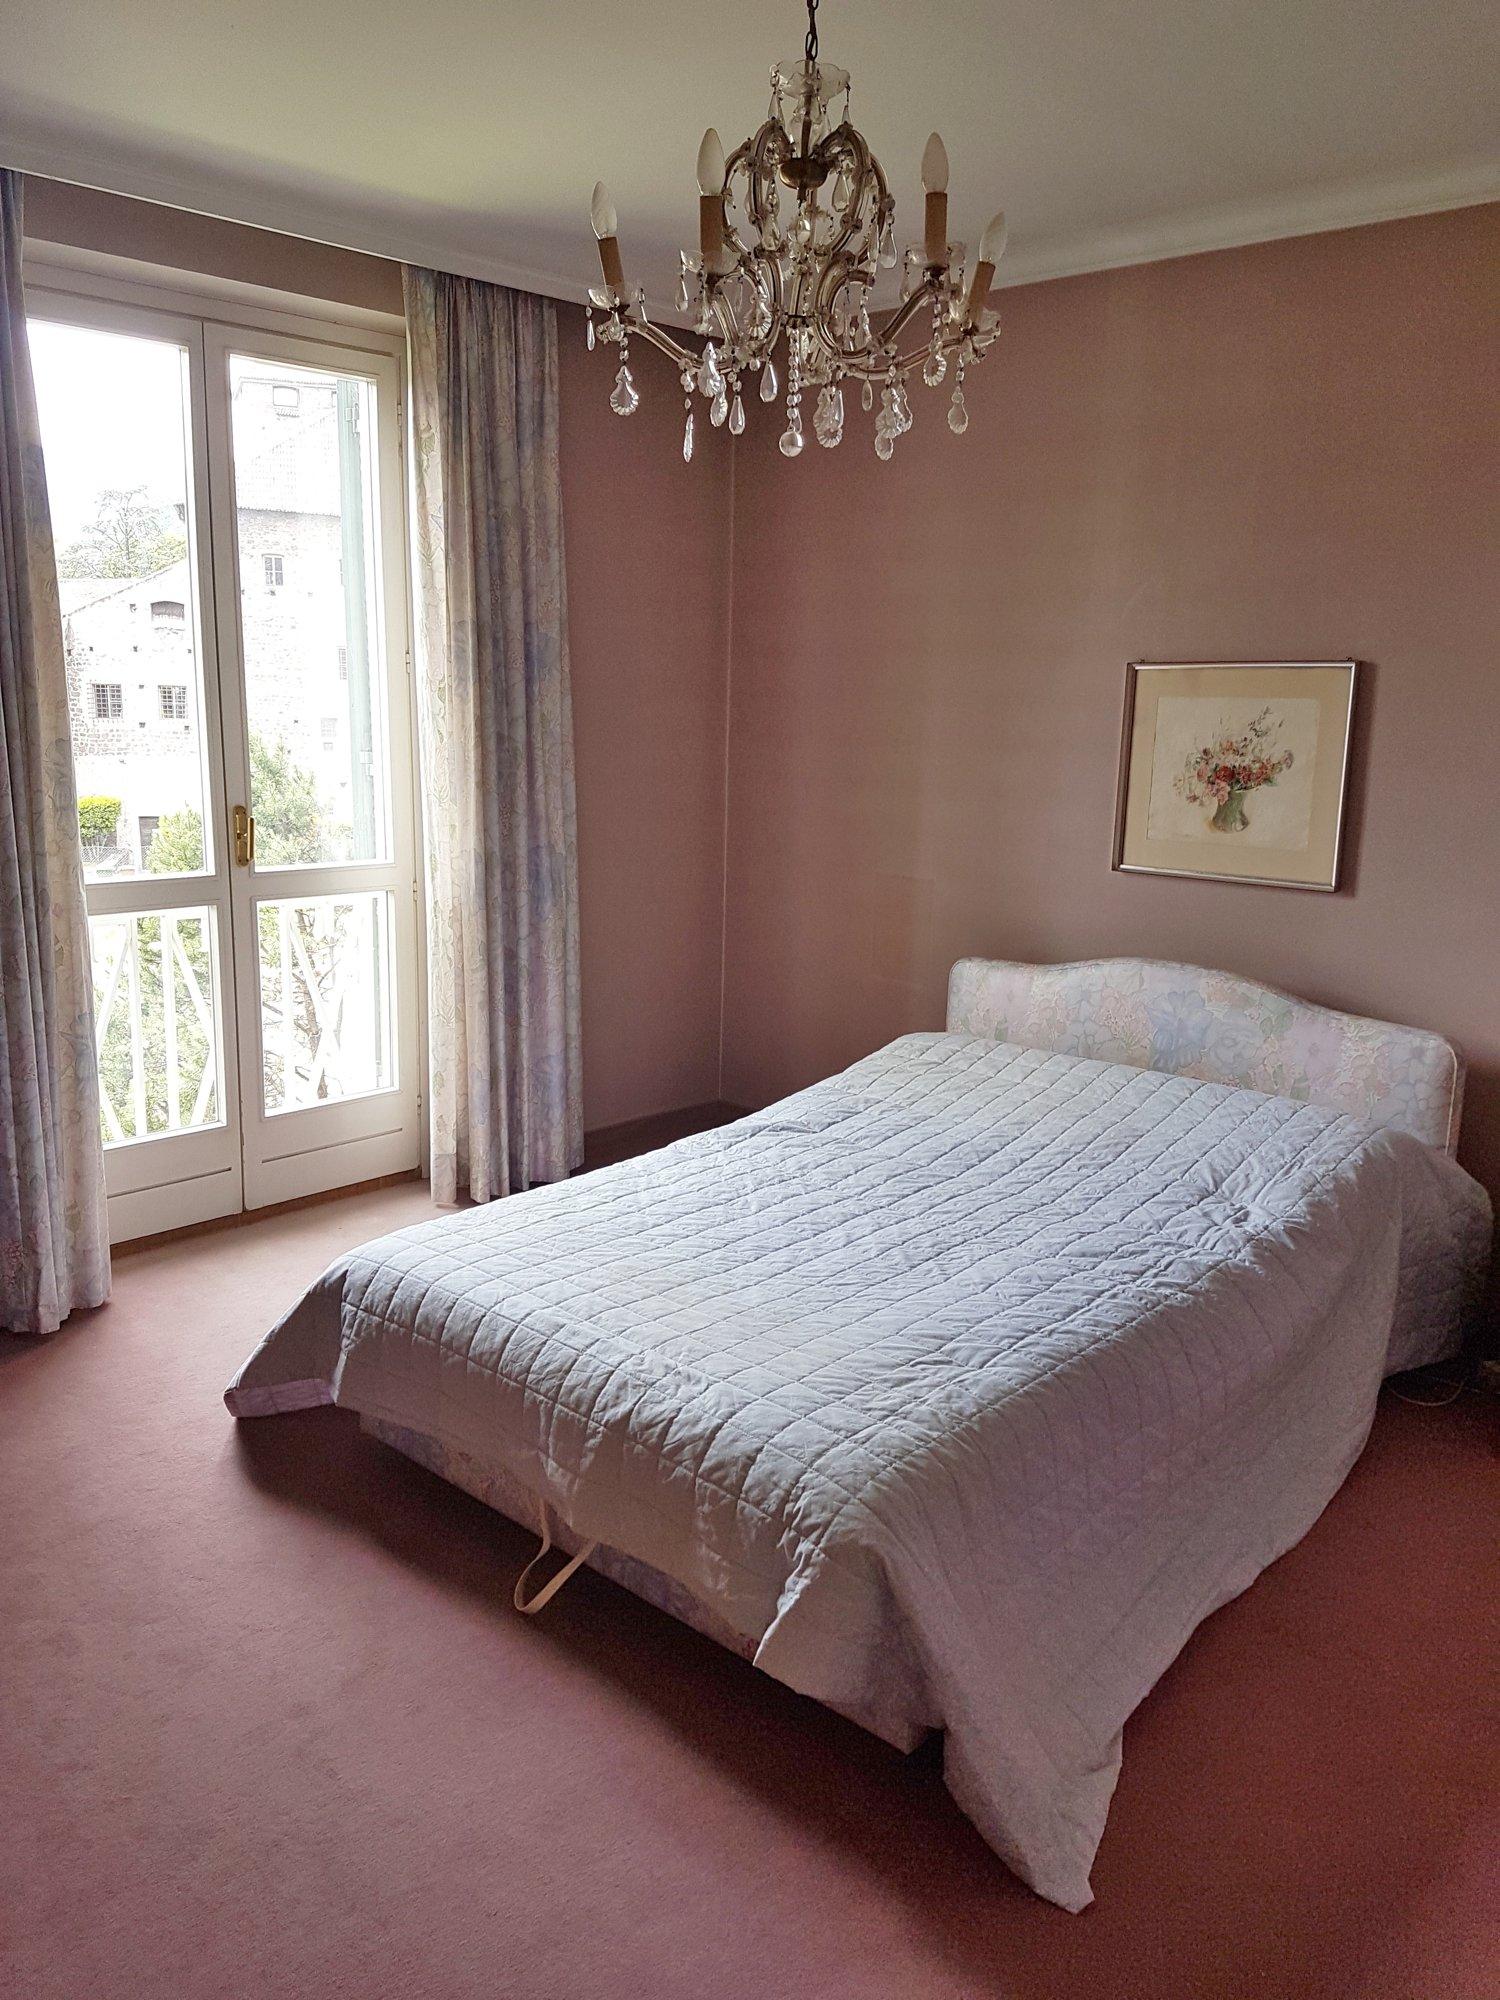 Schlafzimmer mit Bad_stanza con bagno